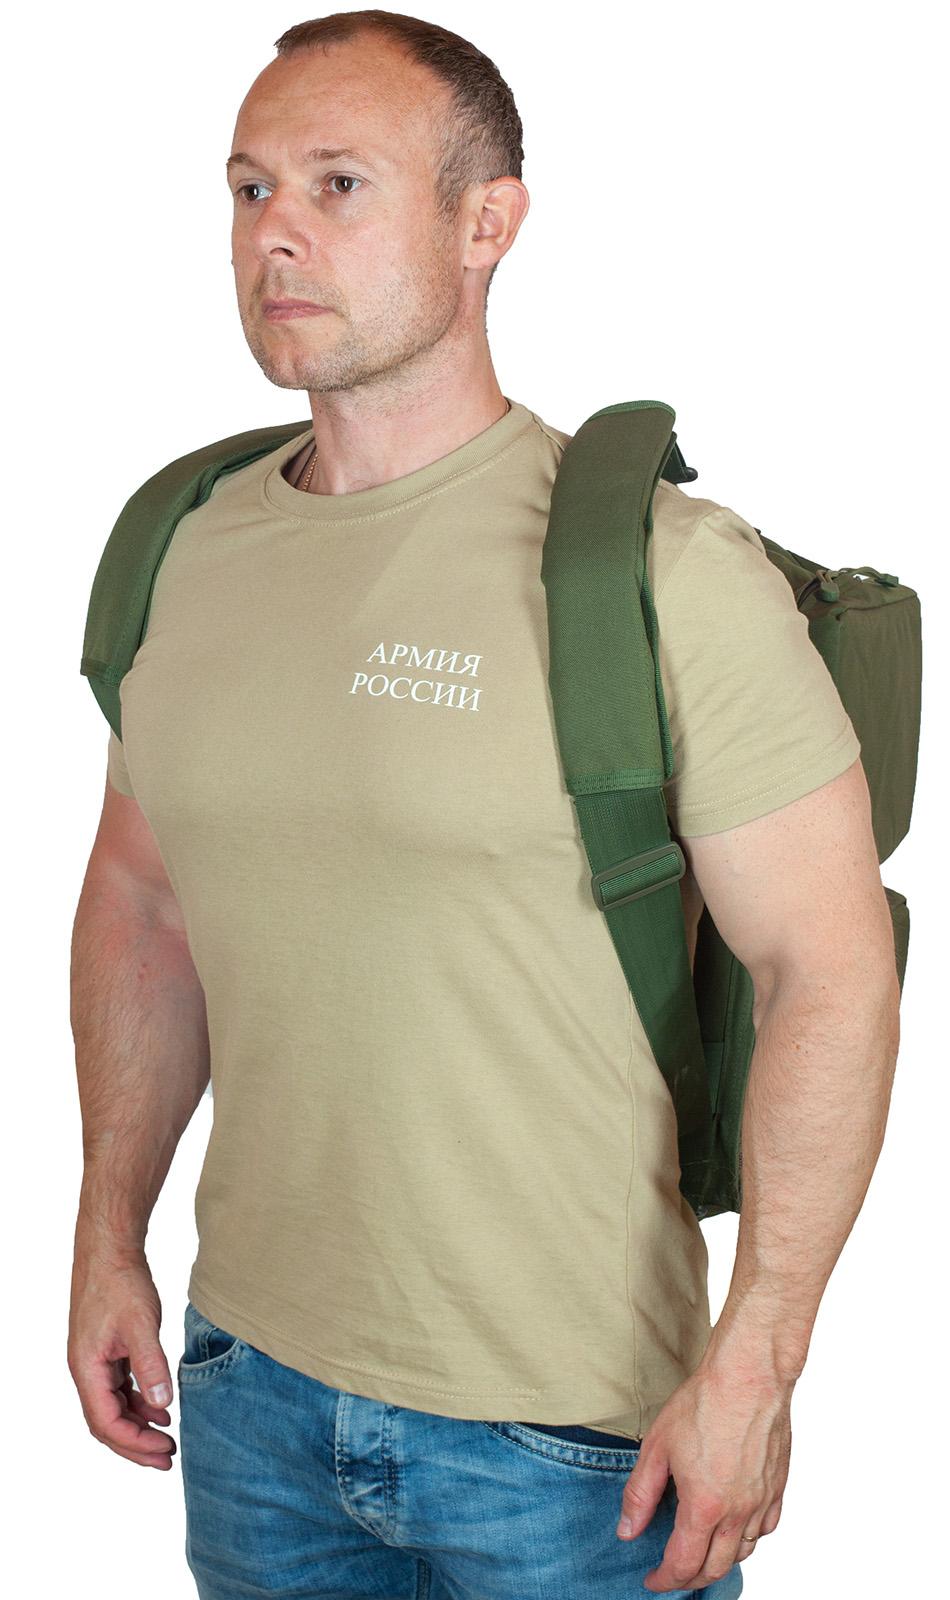 Заплечная тактическая сумка-рюкзак Рожден в СССР - купить выгодно